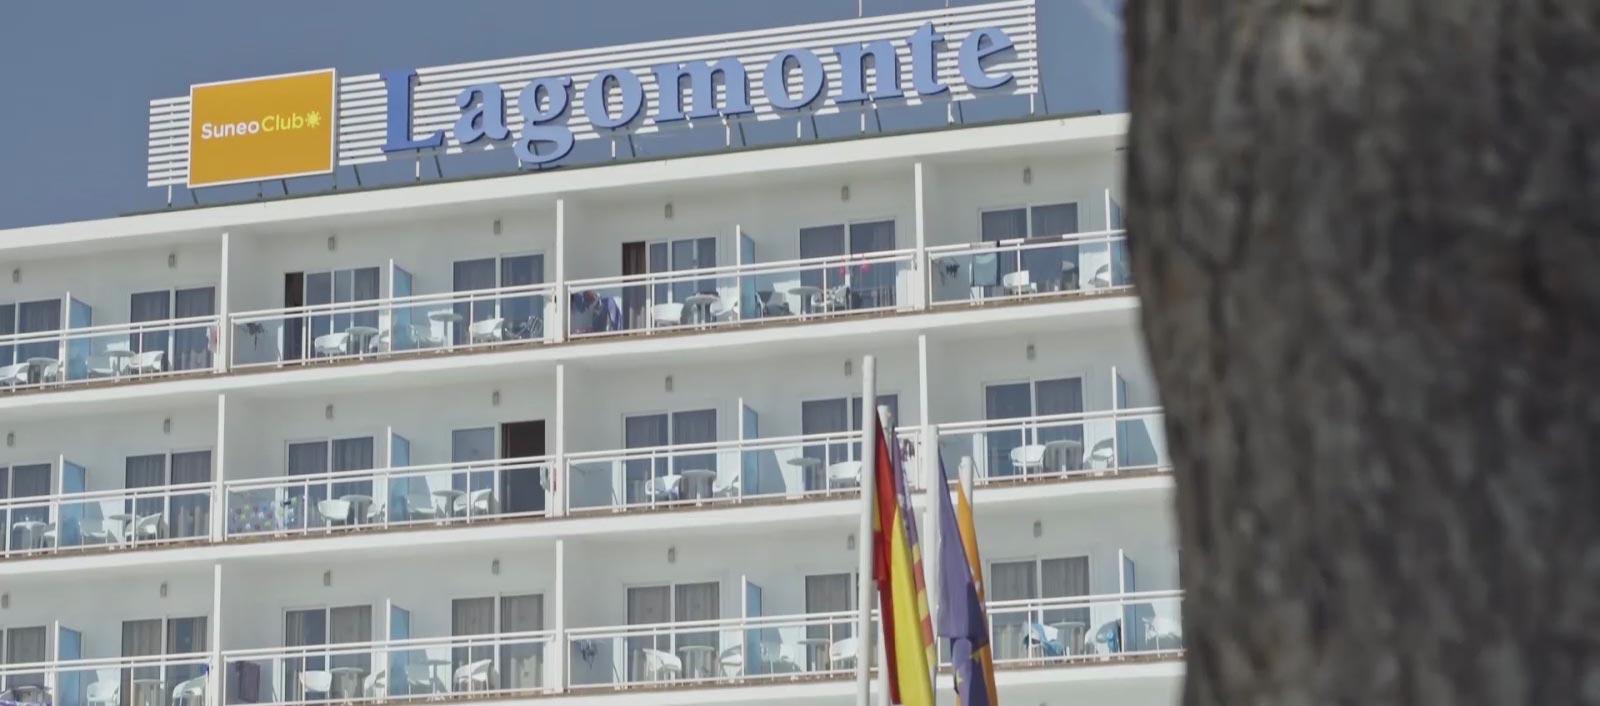 Bellevue Lagomonte